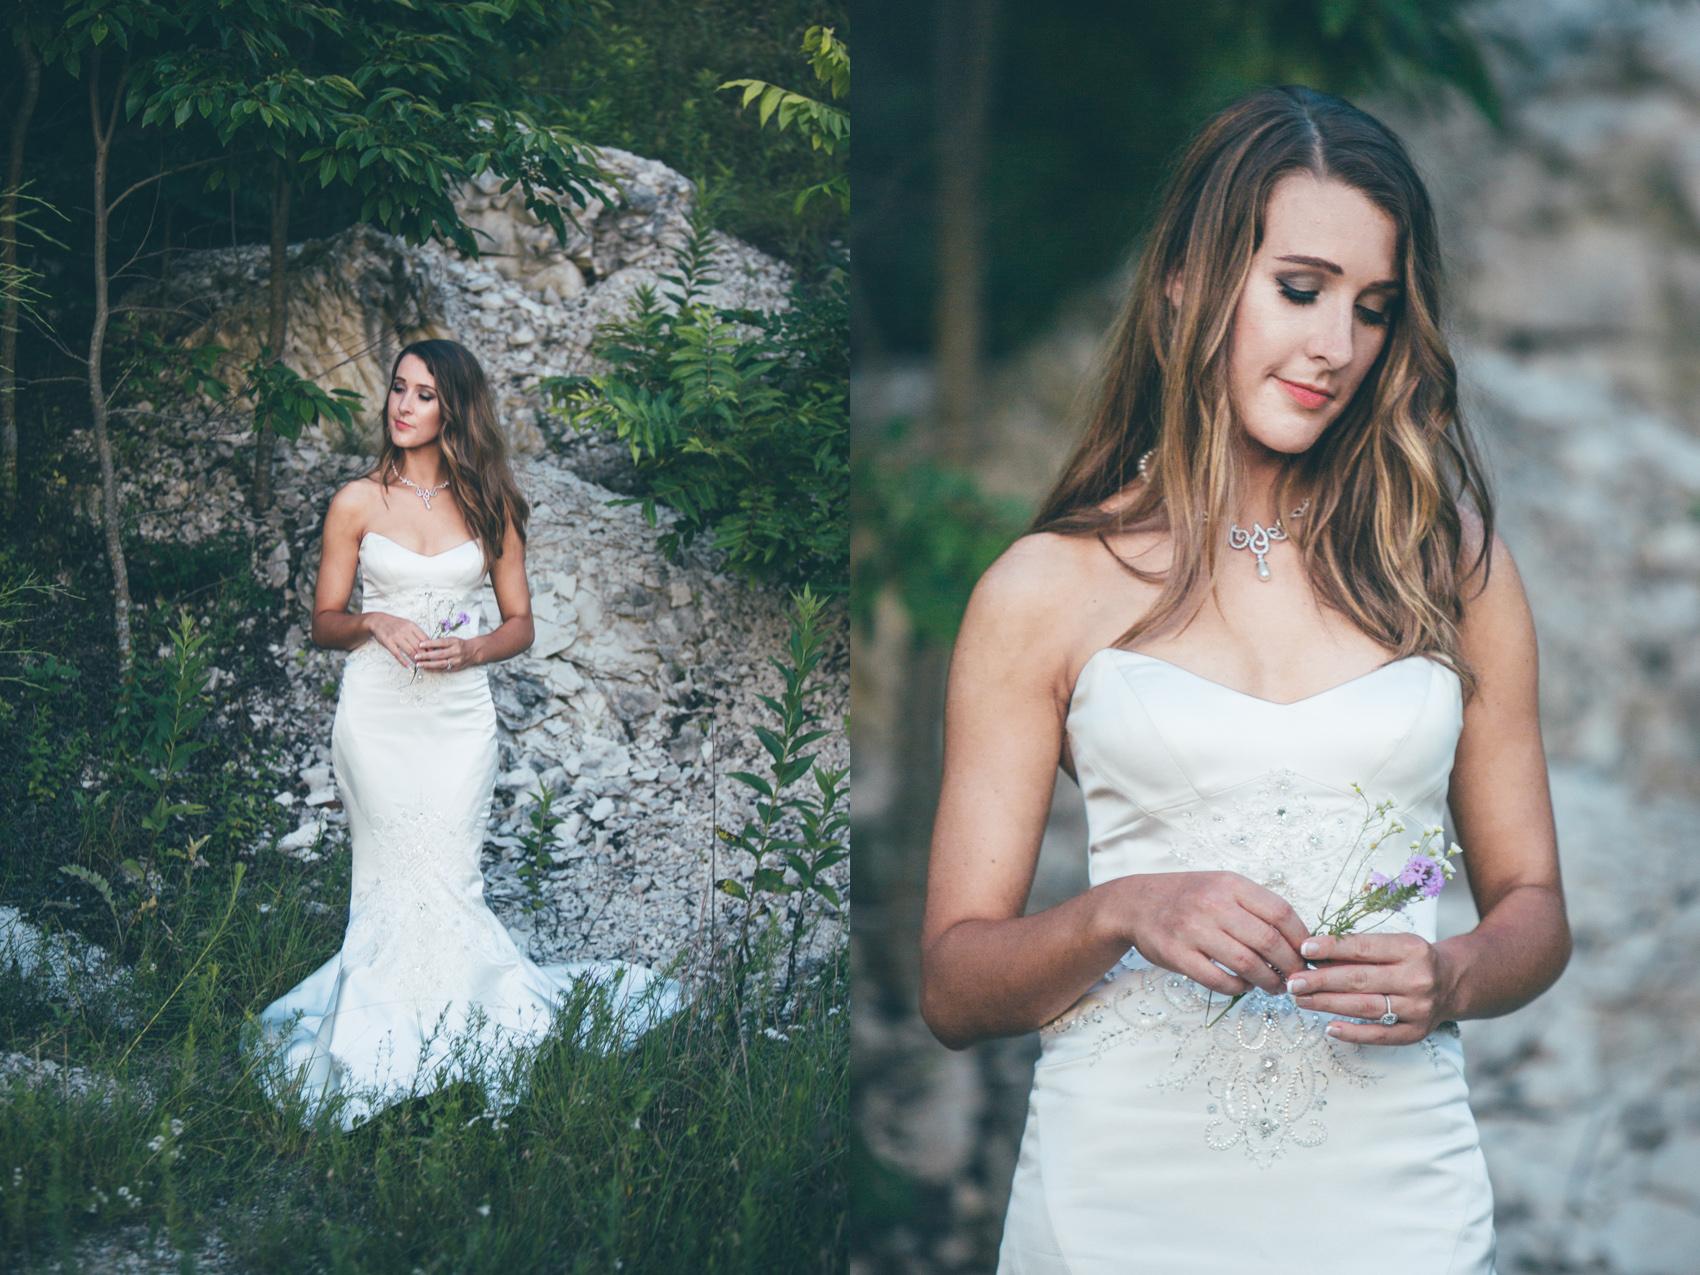 emily-yates-bridal-blog-5-2 copy